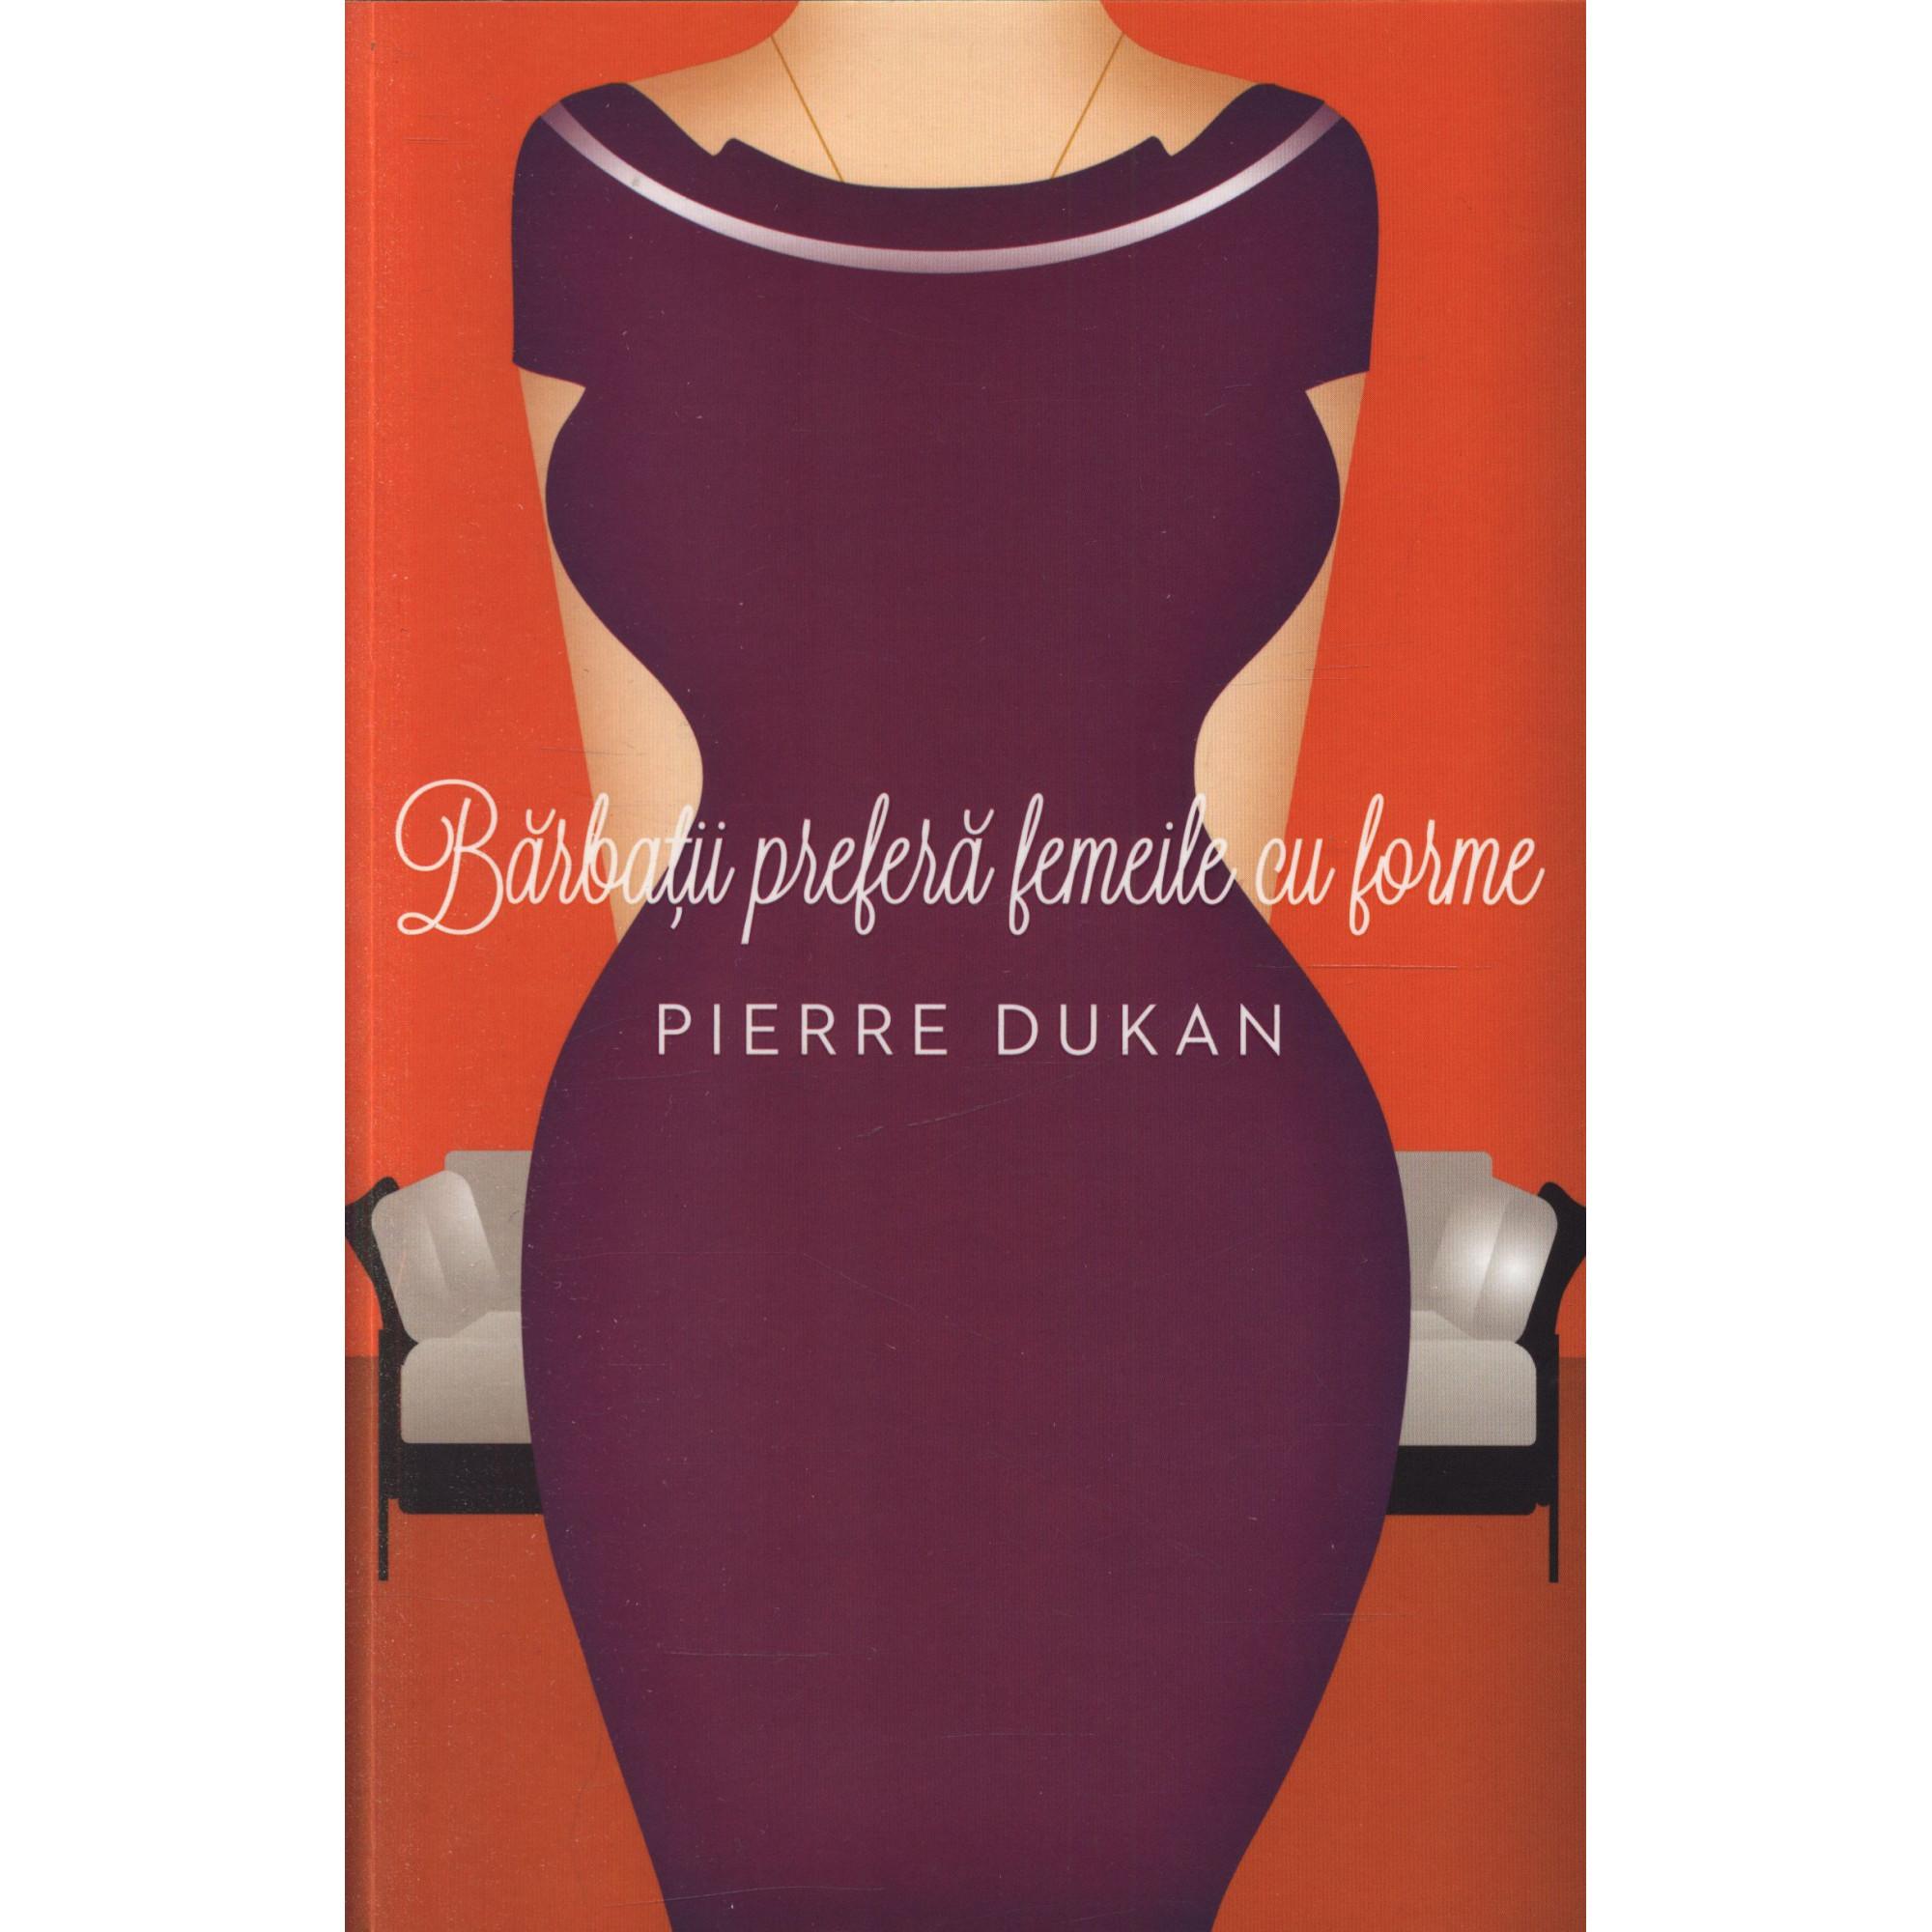 Bărbaţii preferă femeile cu forme; Pierre Dukan